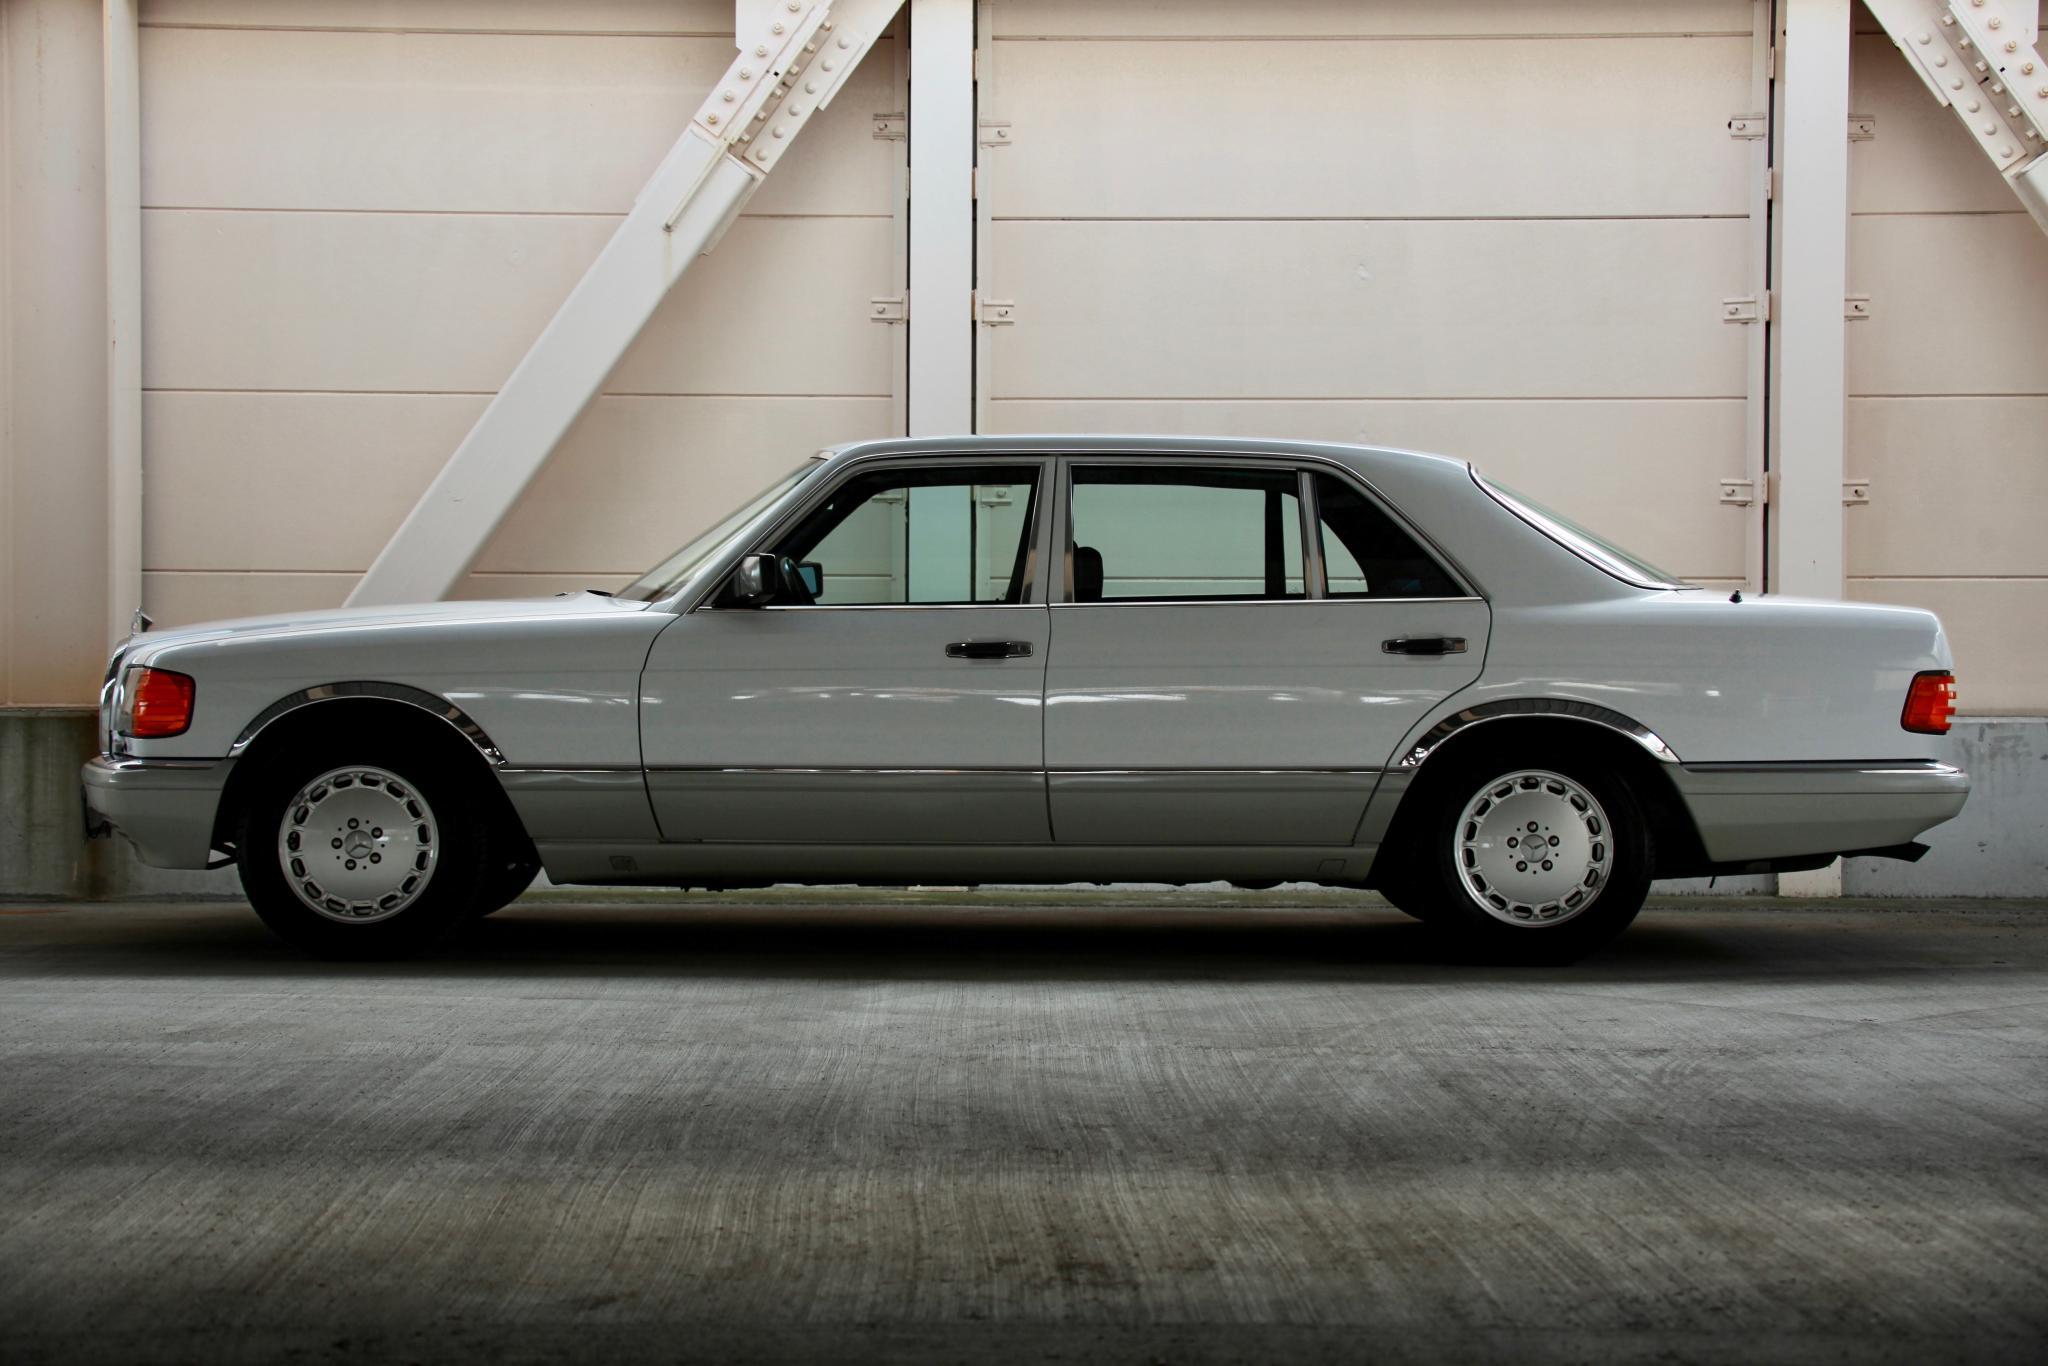 ヴィンテージカー販売 メルセデス・ベンツ560SEL